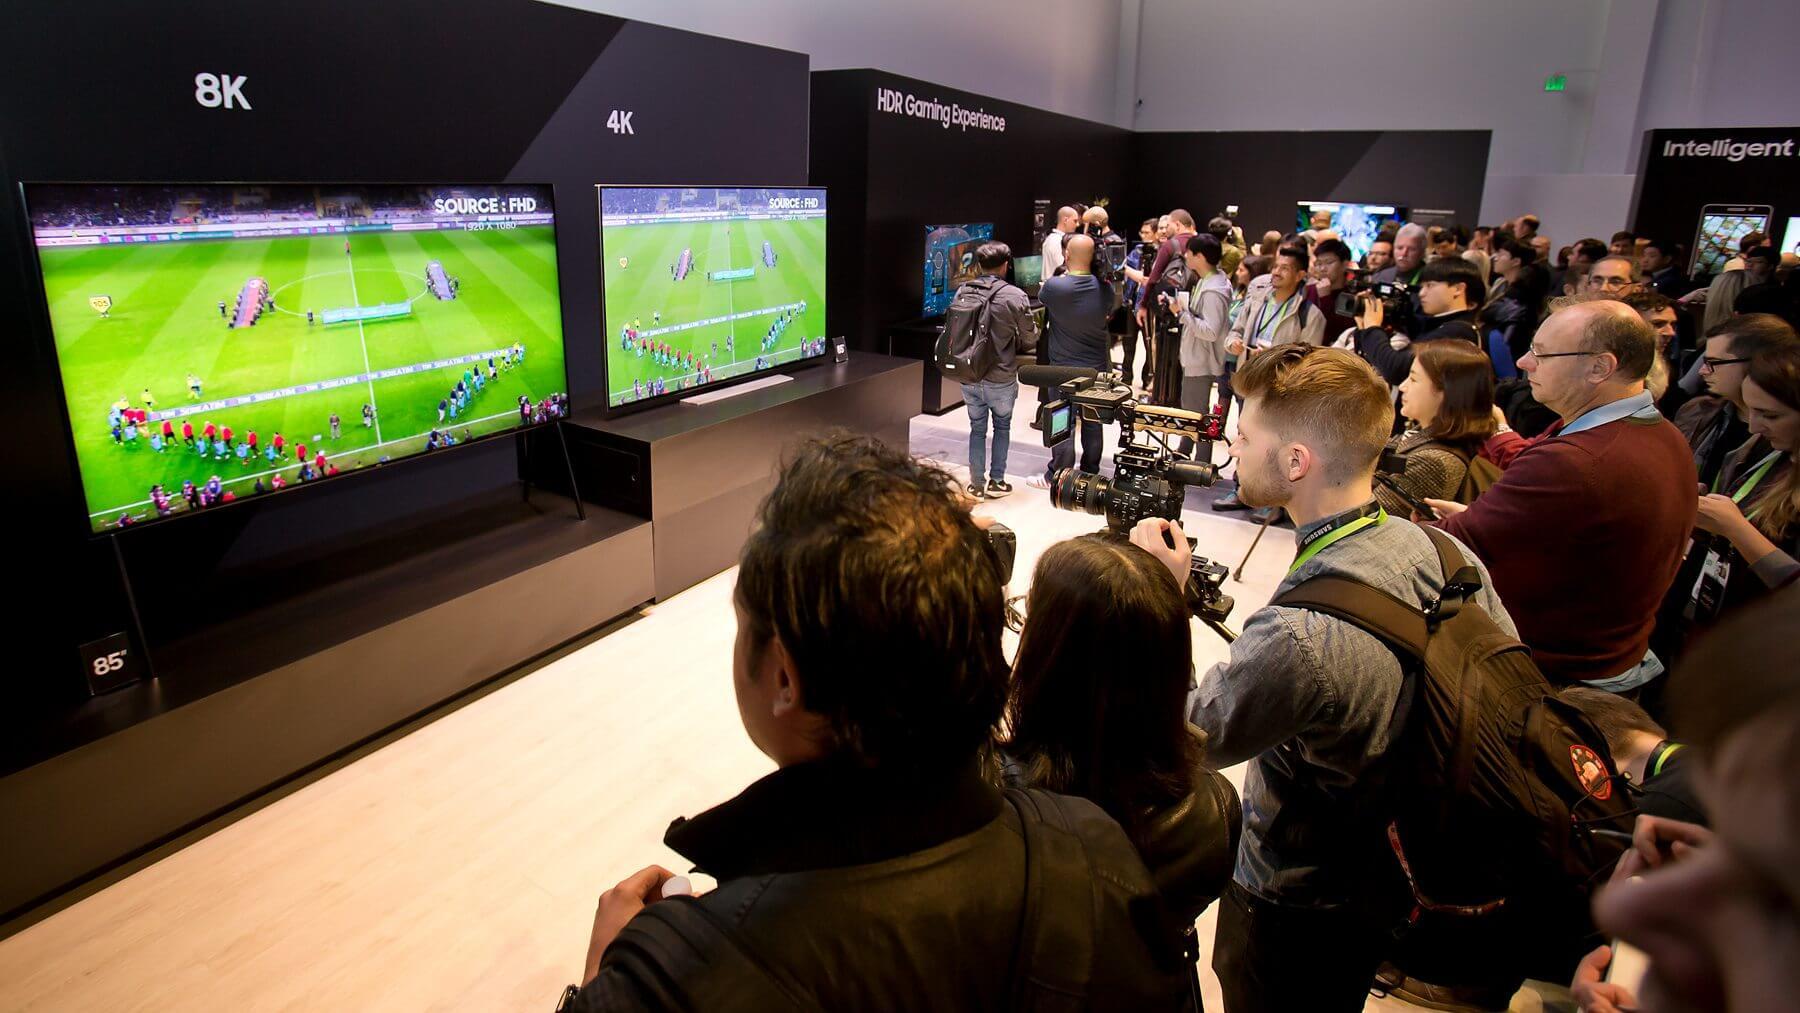 """A6F30D56 188D 4138 BD05 E201E16AE3D3 - CES 2018: """"The Wall"""", conheça a TV modular de 146 polegadas com MicroLED da Samsung"""